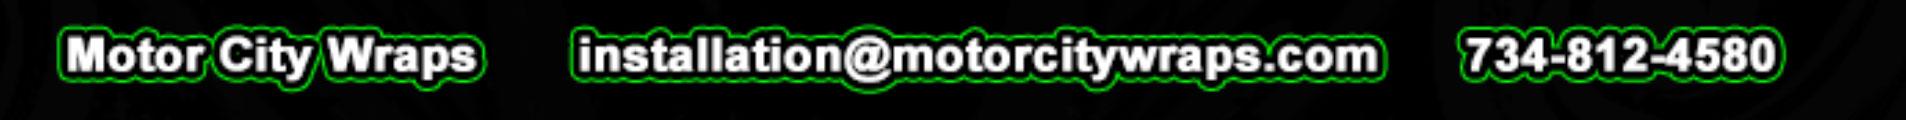 Box Truck Wraps Motor City Wraps Trailer Wraps